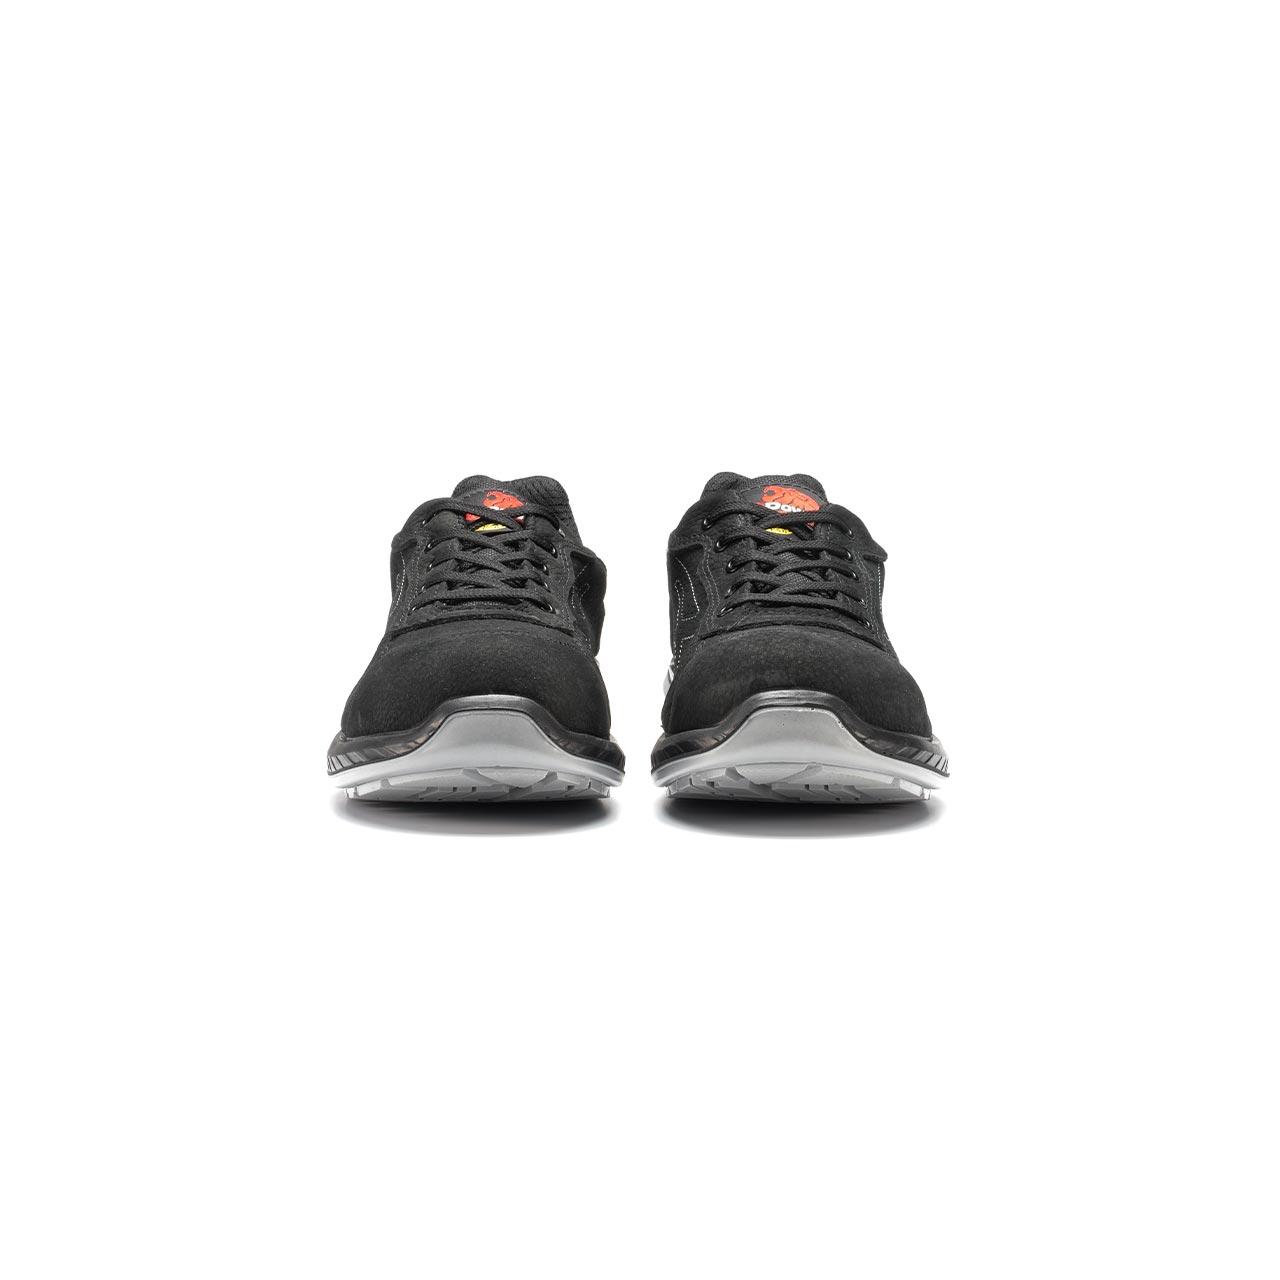 paio di scarpe antinfortunistiche upower modello gessato linea redindustry vista frontale